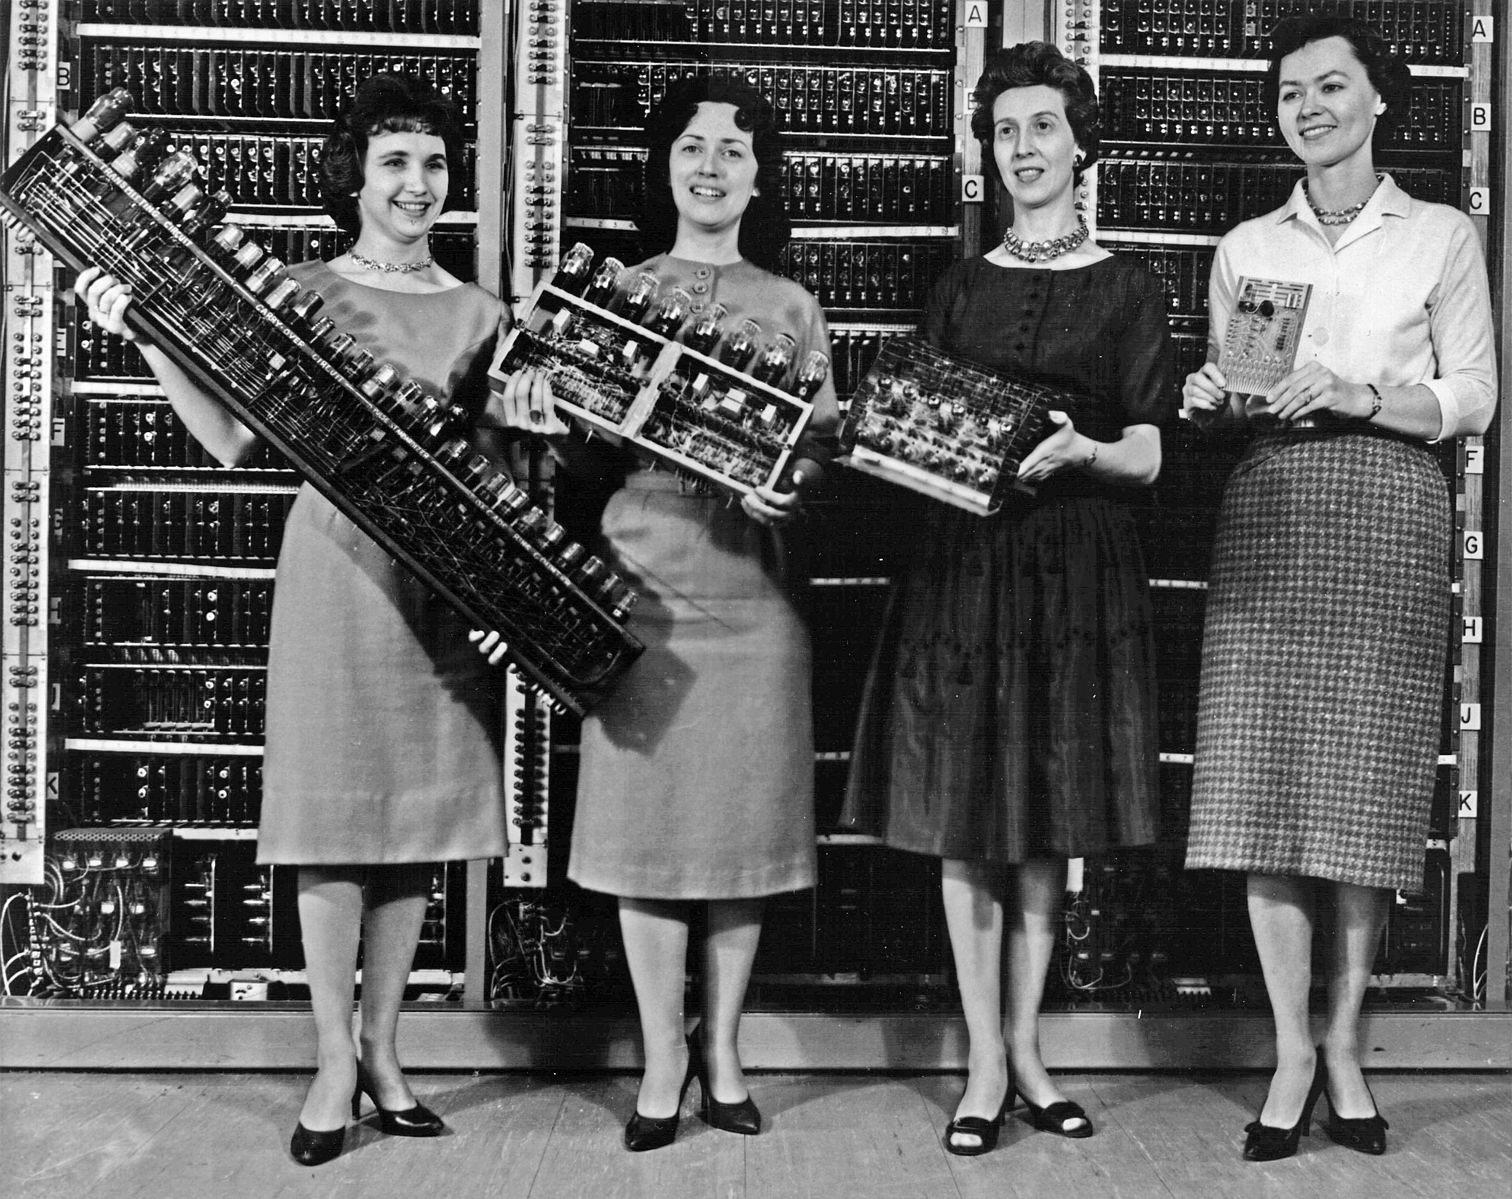 women technology history computing